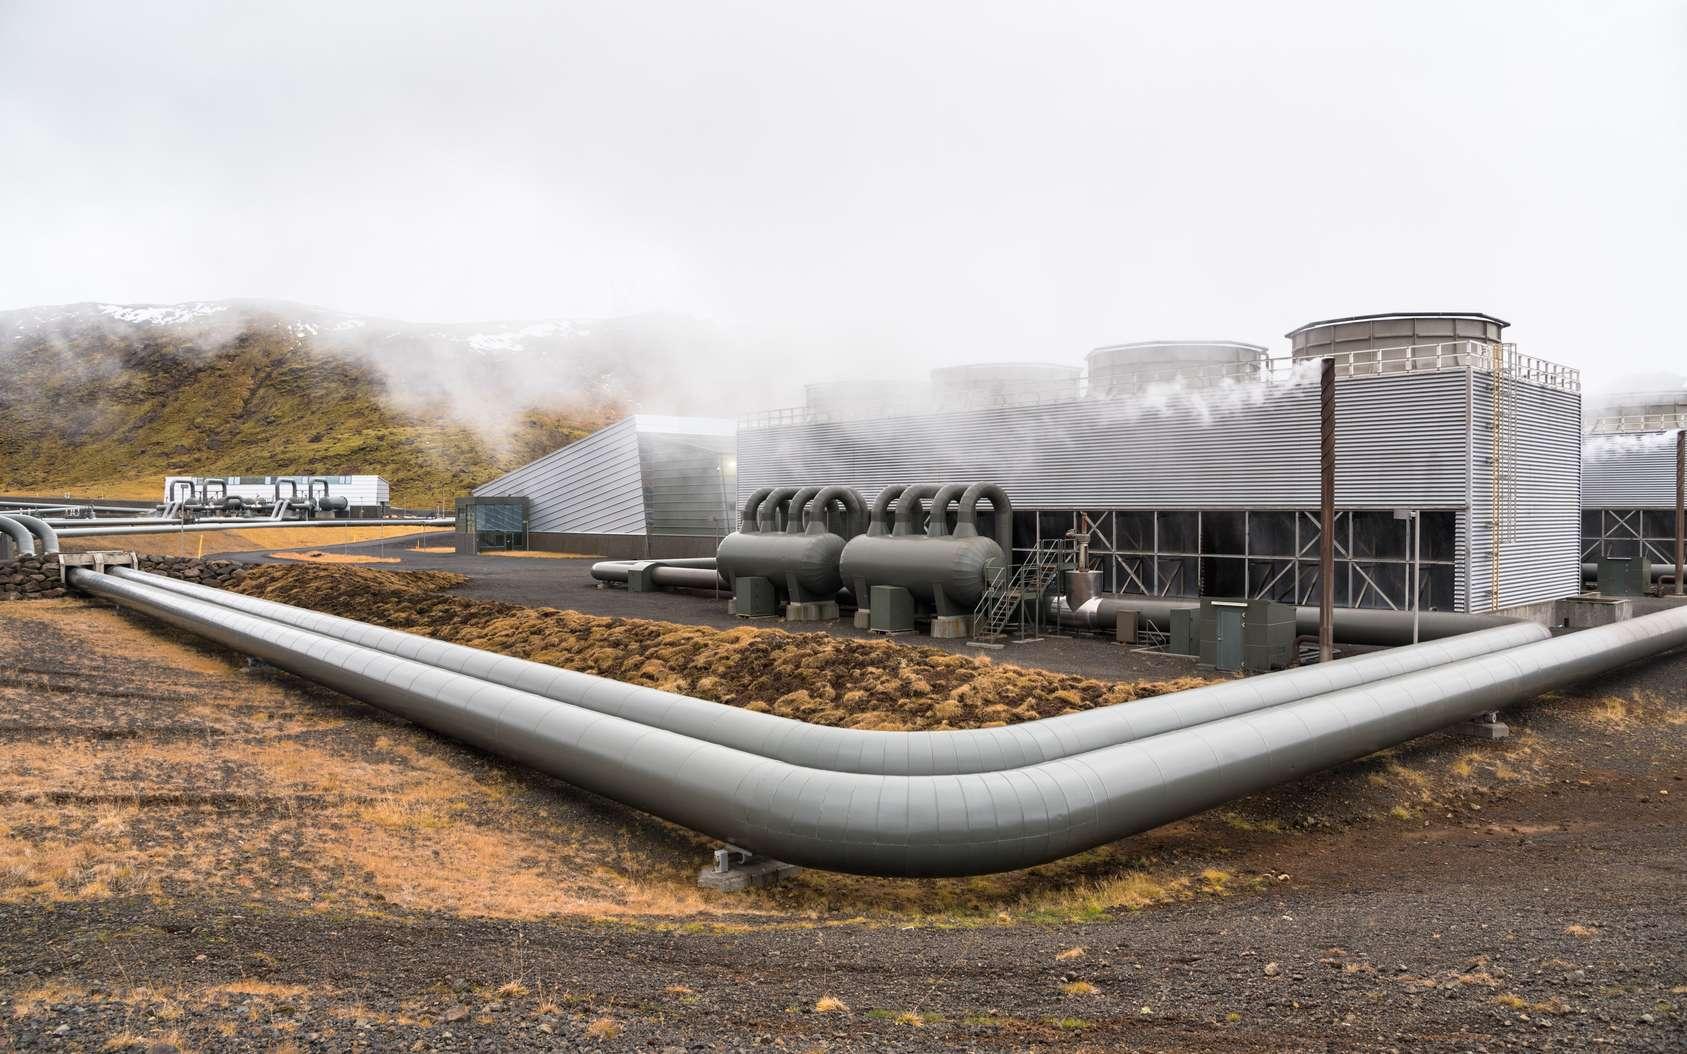 L'activité géothermique de notre planète peut être exploitée afin de produire chauffage, eau chaude sanitaire ou encore électricité. © Alpegor, Fotolia